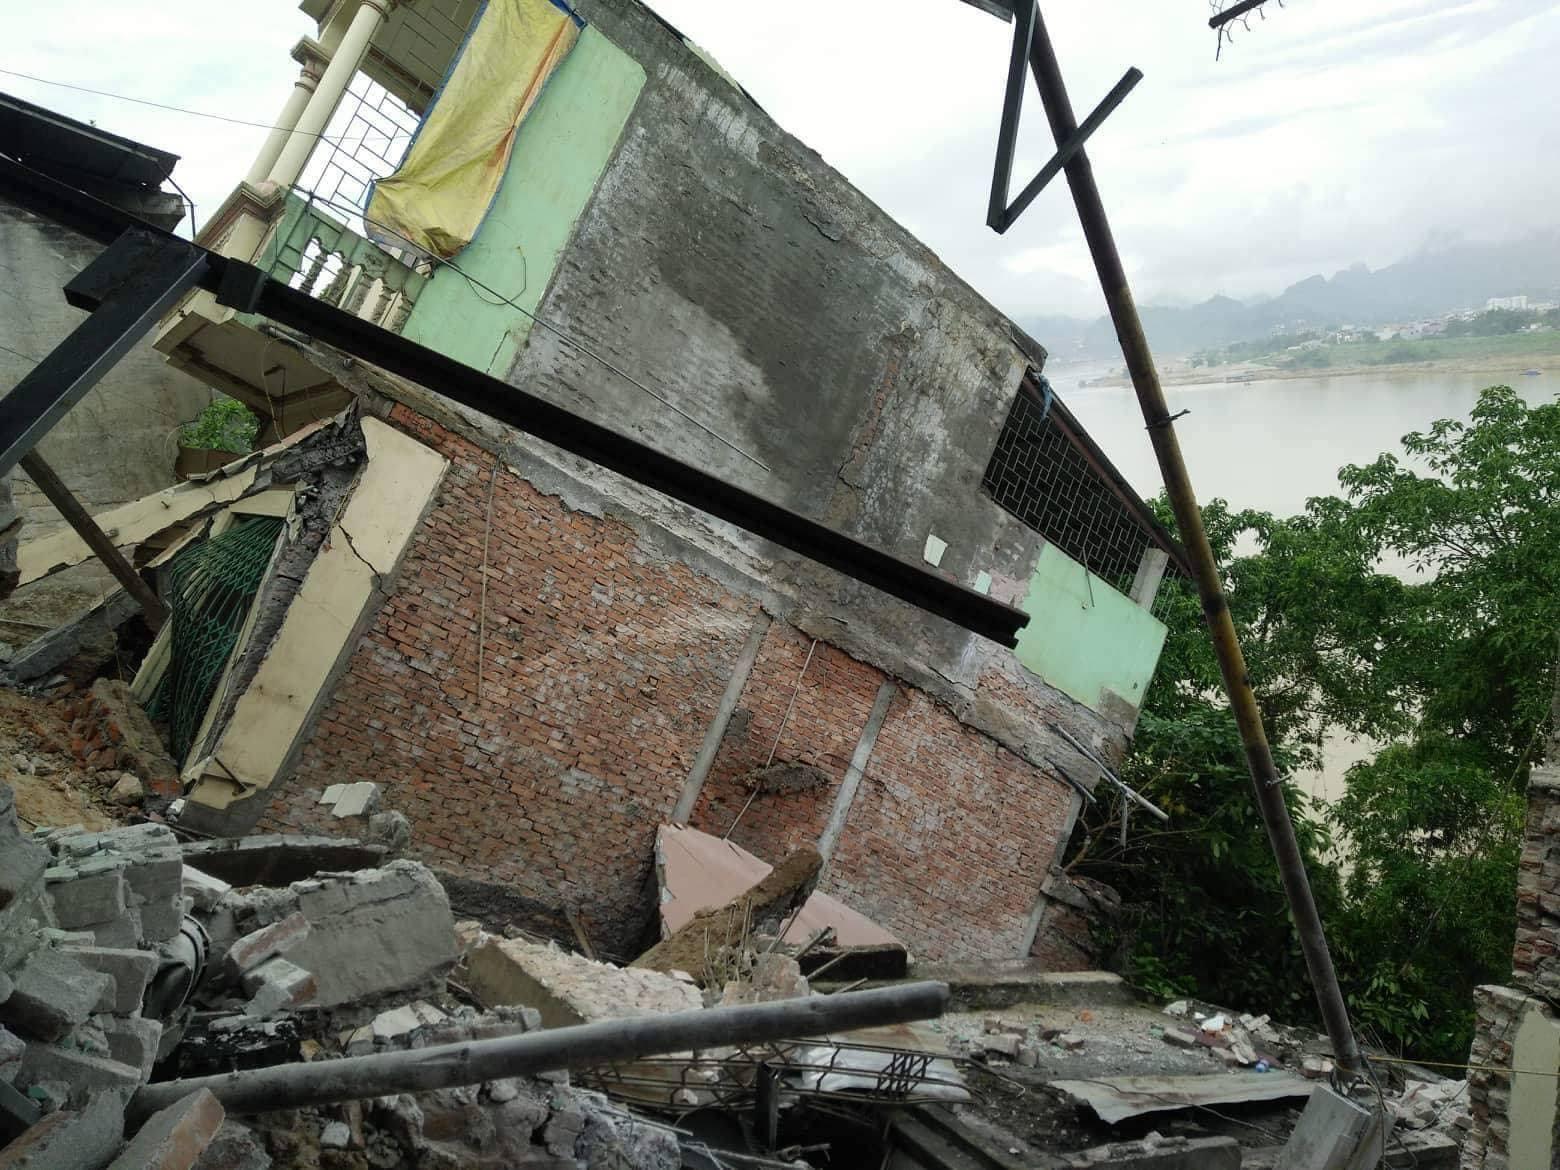 sụt lún,nhà đổ sập,sạt lở,Hòa Bình,sơ tán khẩn cấp,sông Đà